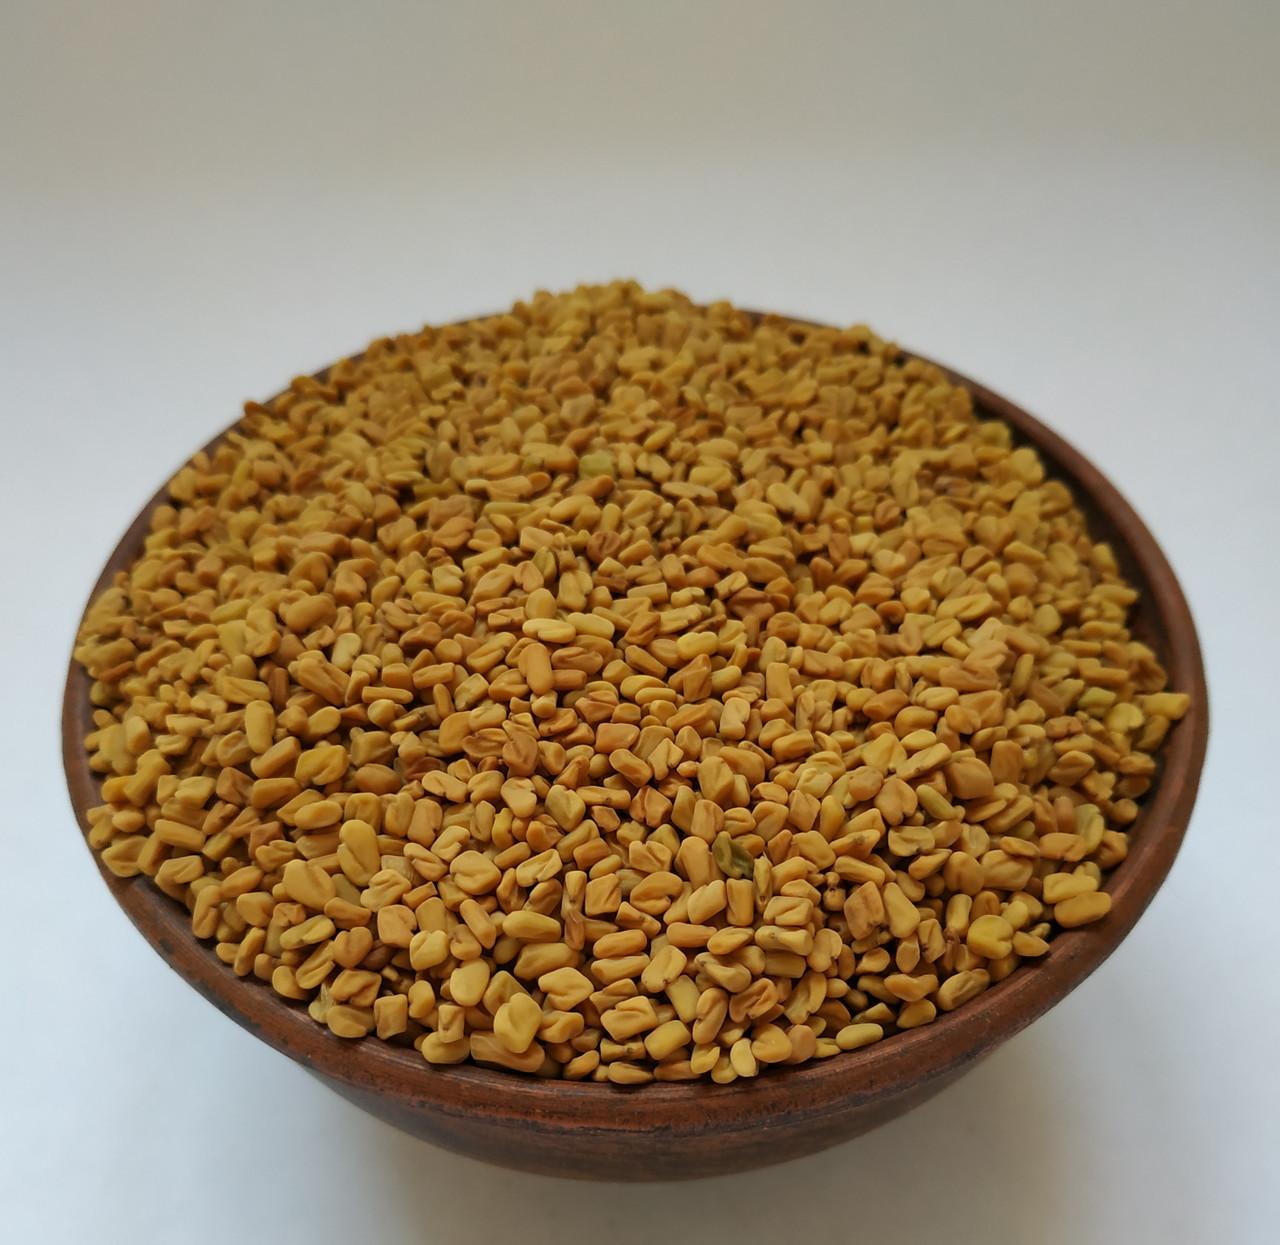 Чаман (фенугрек), 500 грамм